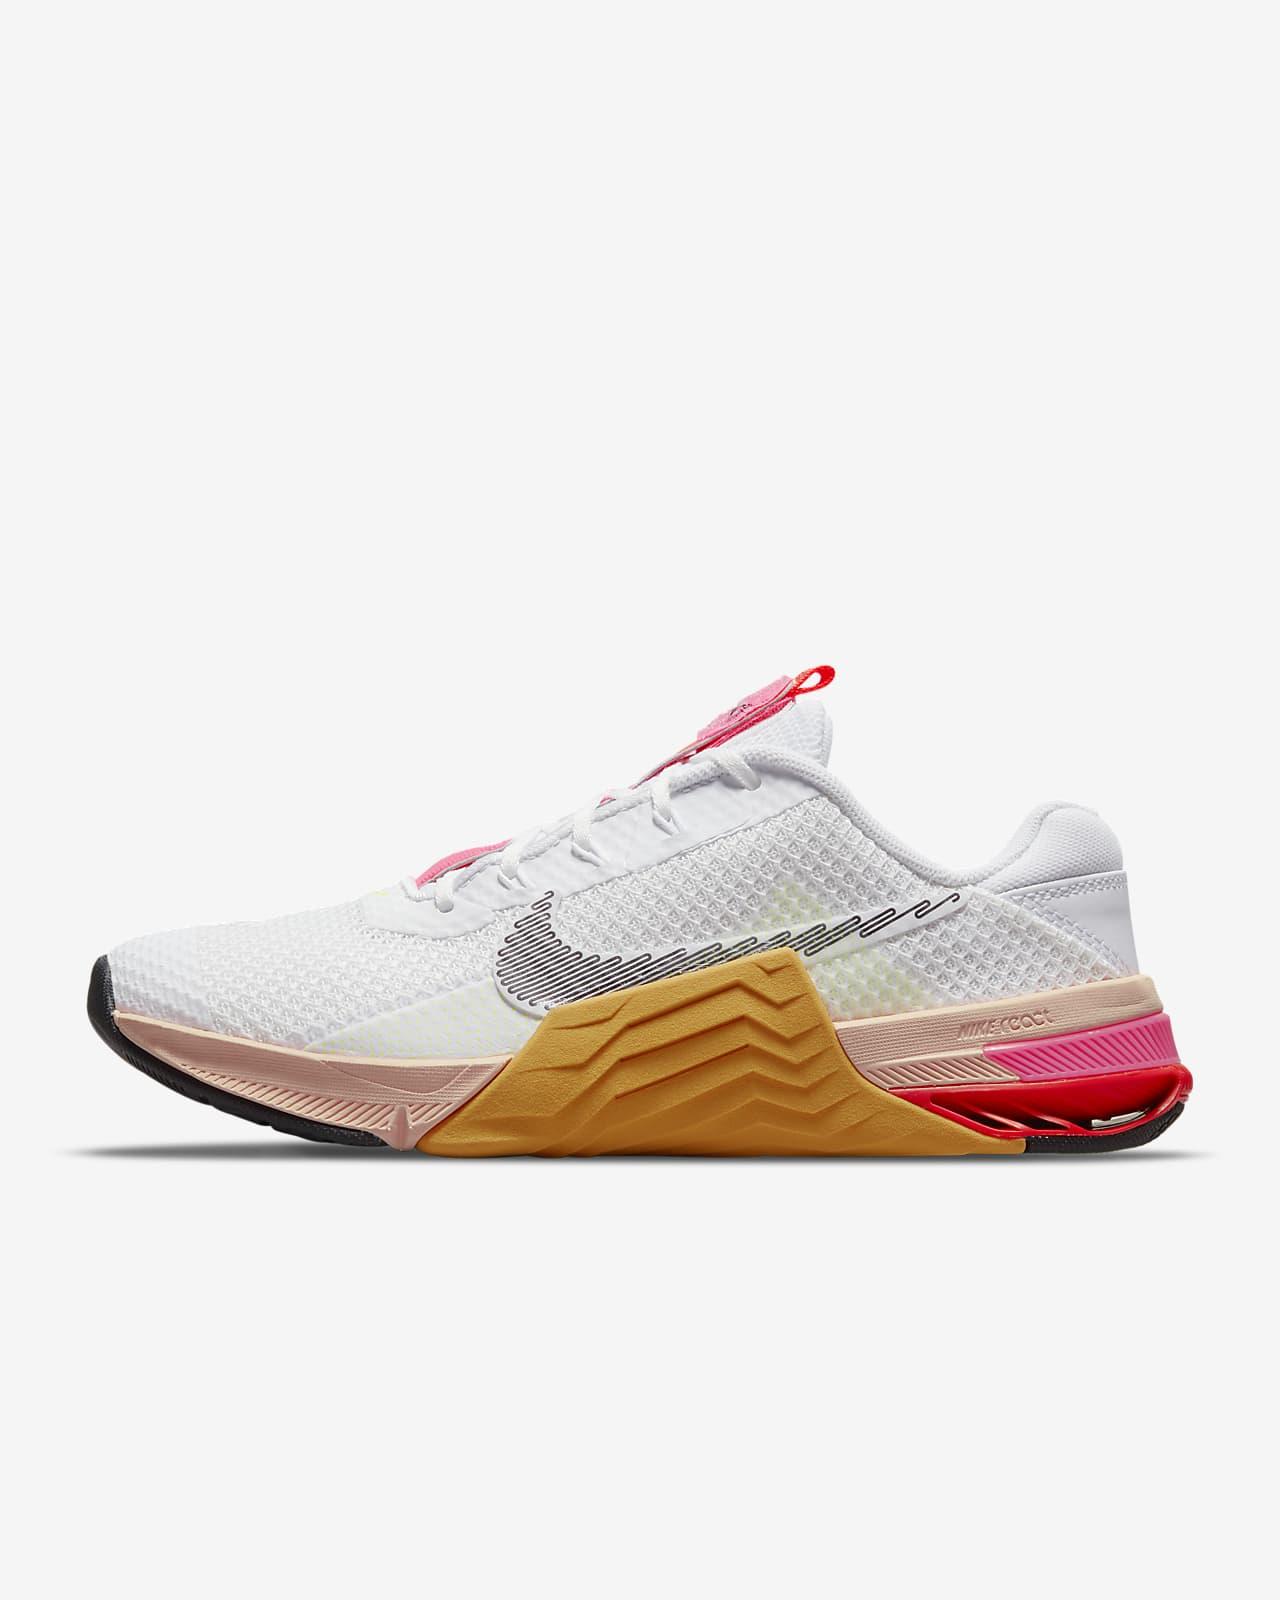 Calzado de entrenamiento para mujer Nike Metcon 7 X